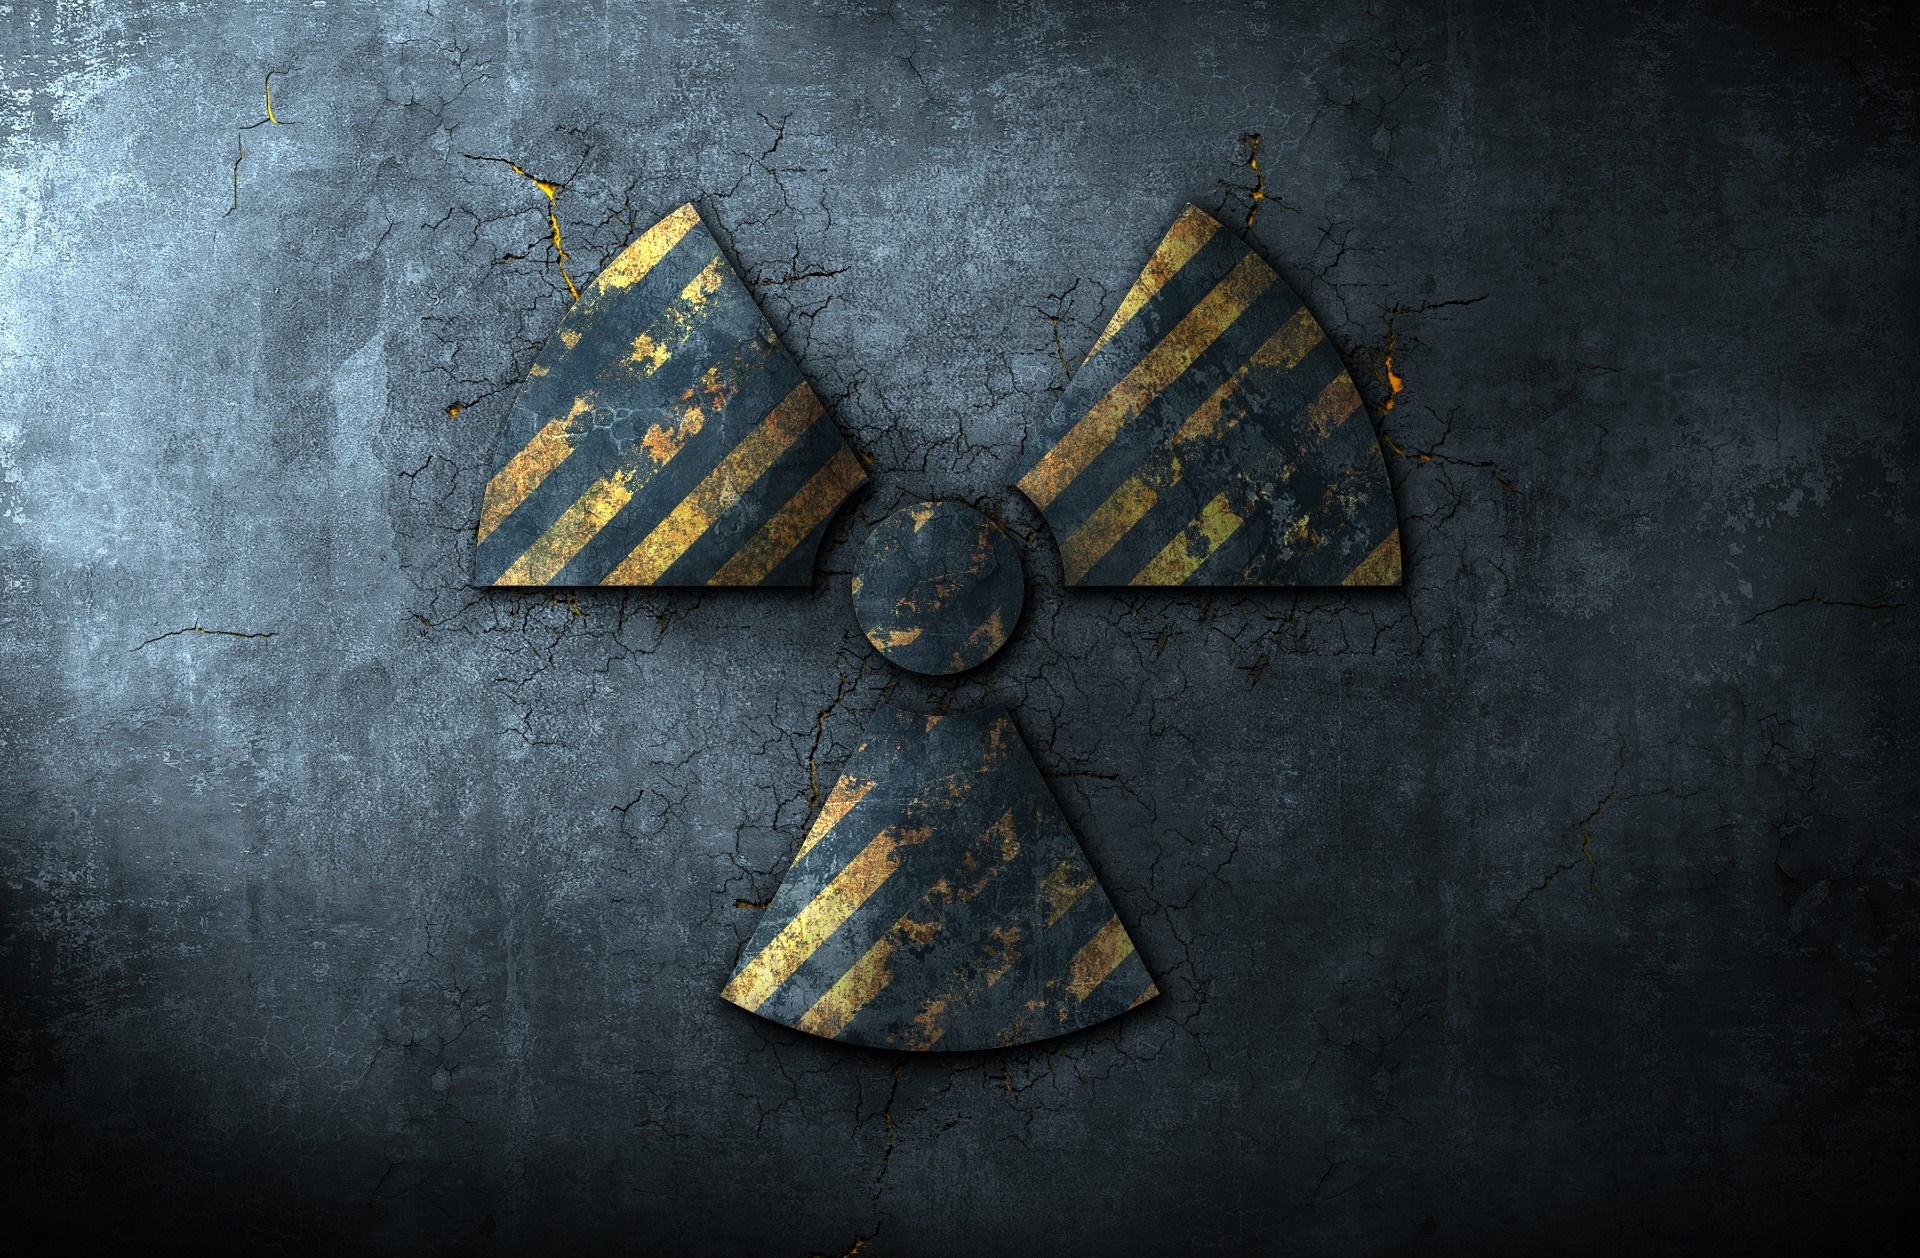 Ядерный топливный цикл: Предисловие